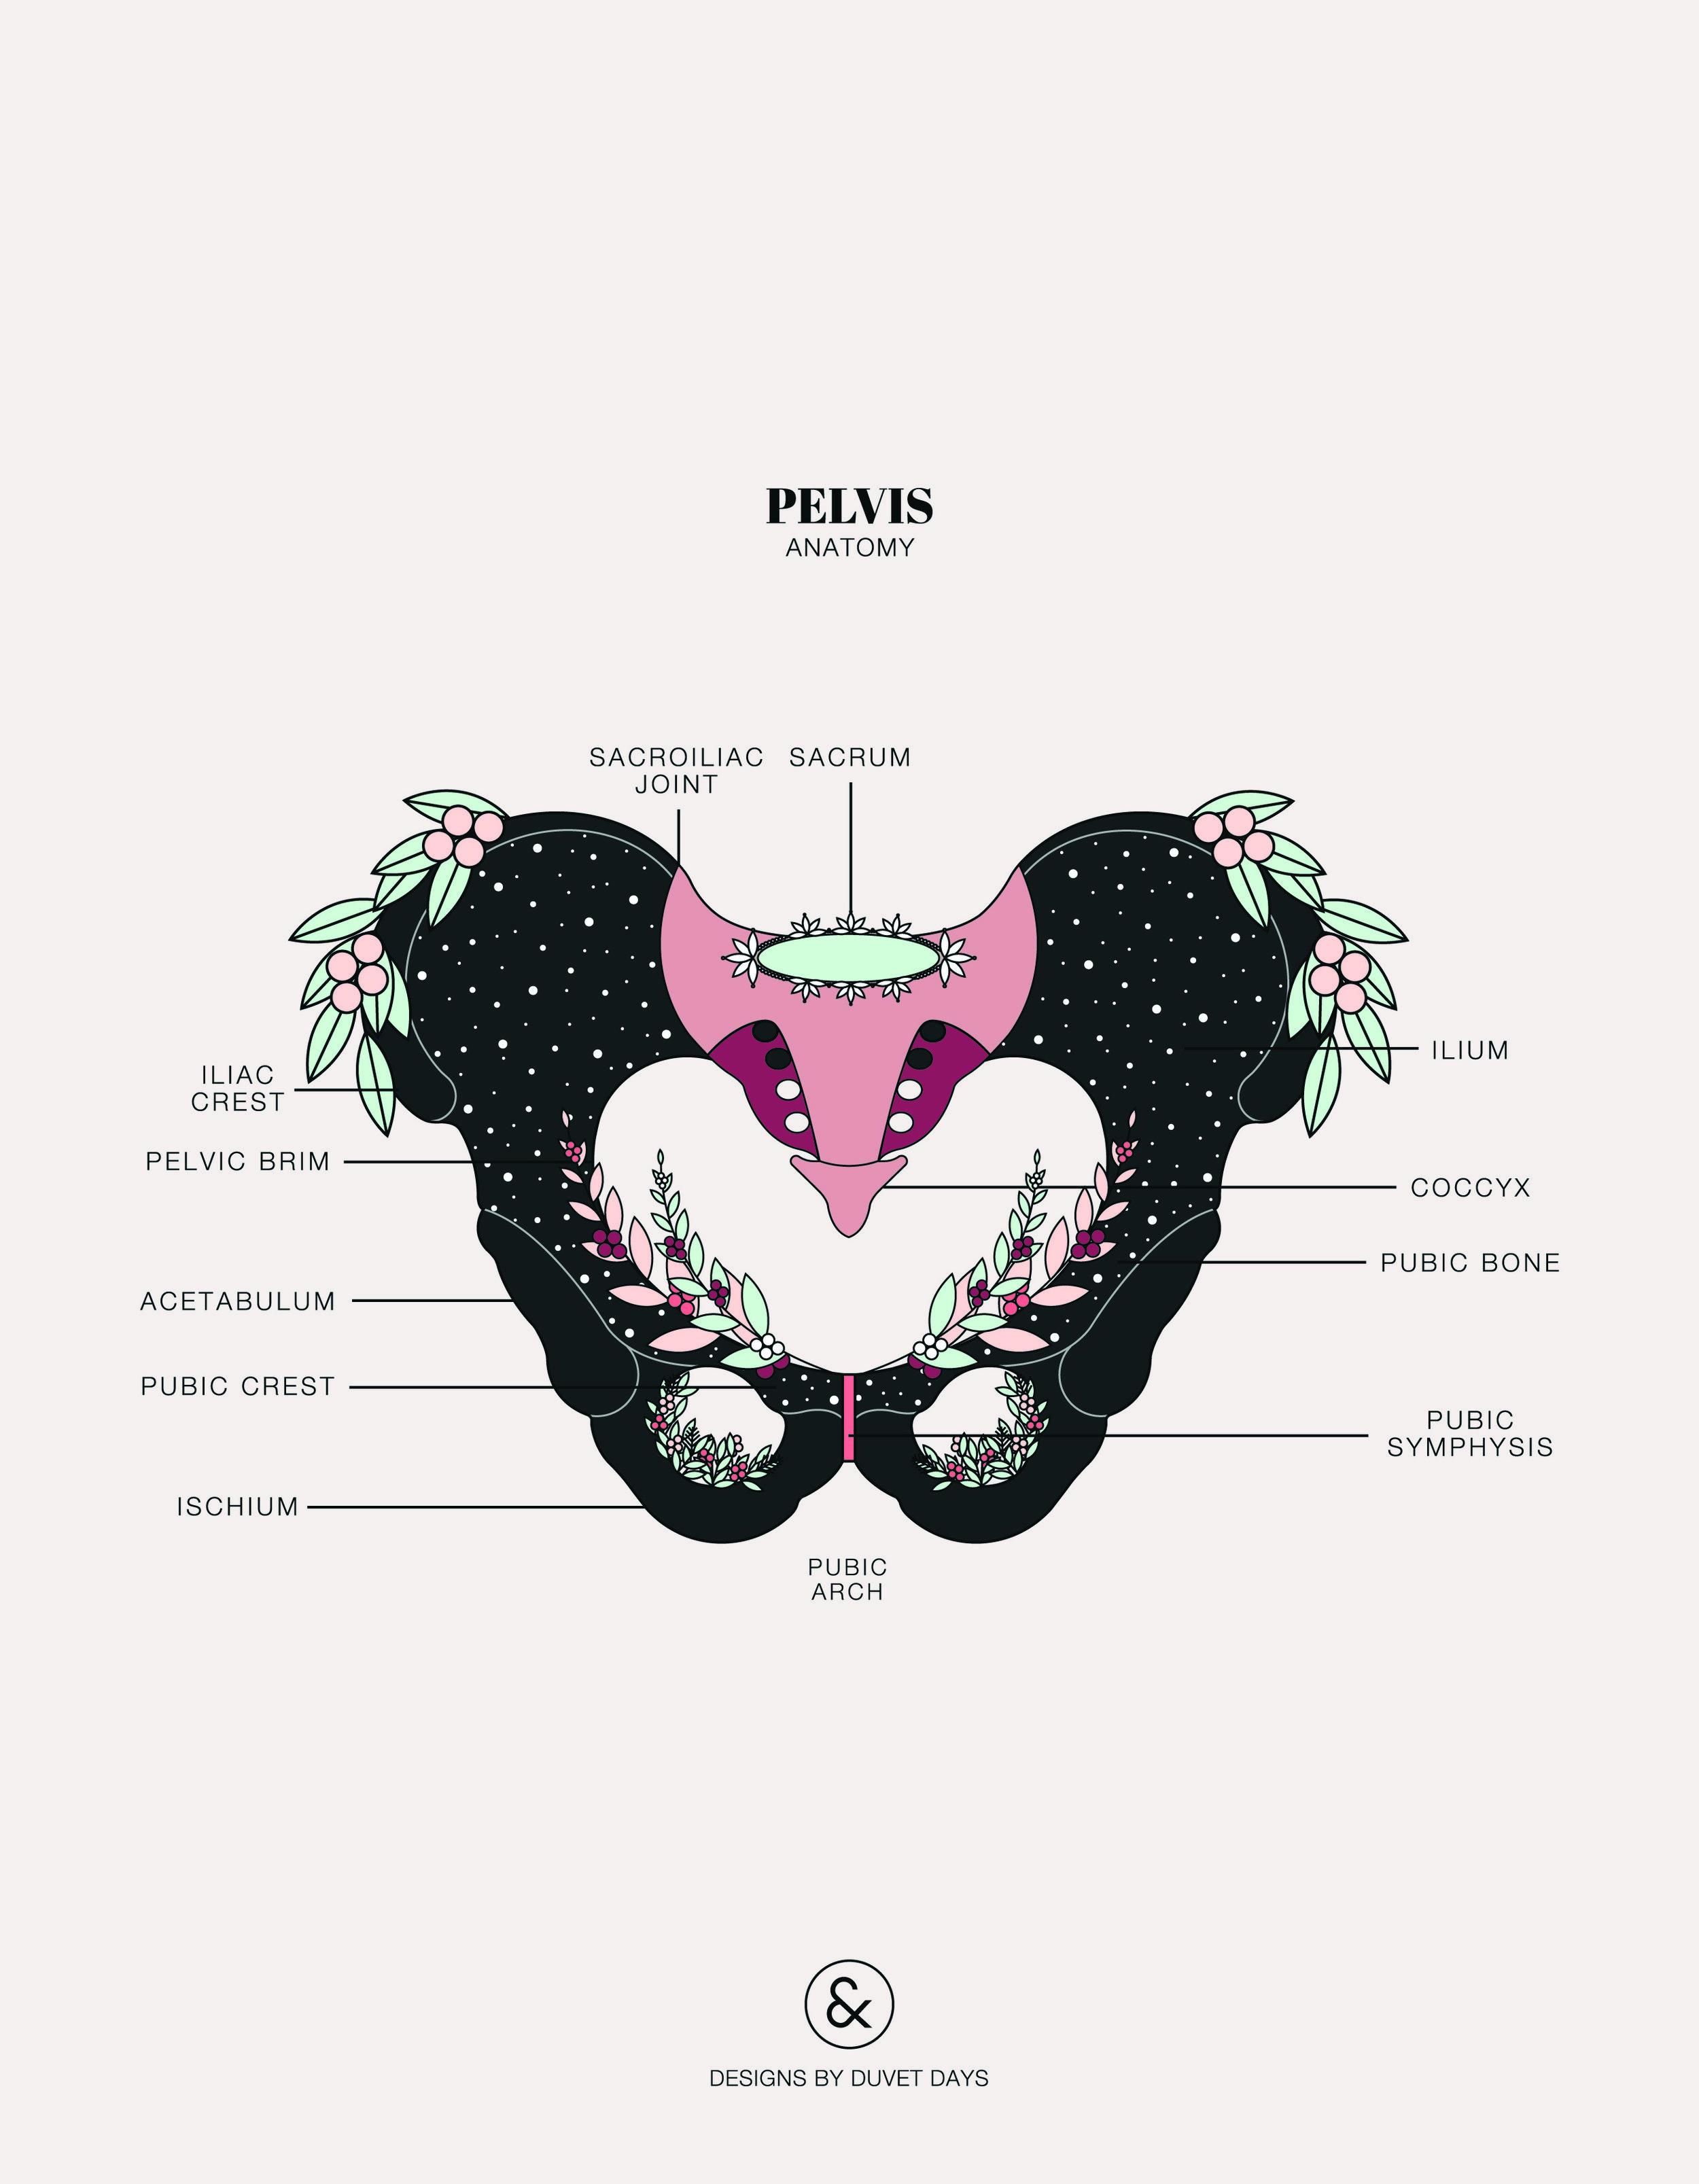 Duvet-Days_Anatomy-Illustrations_8.5x11_Pelvis-Anatomy.jpg